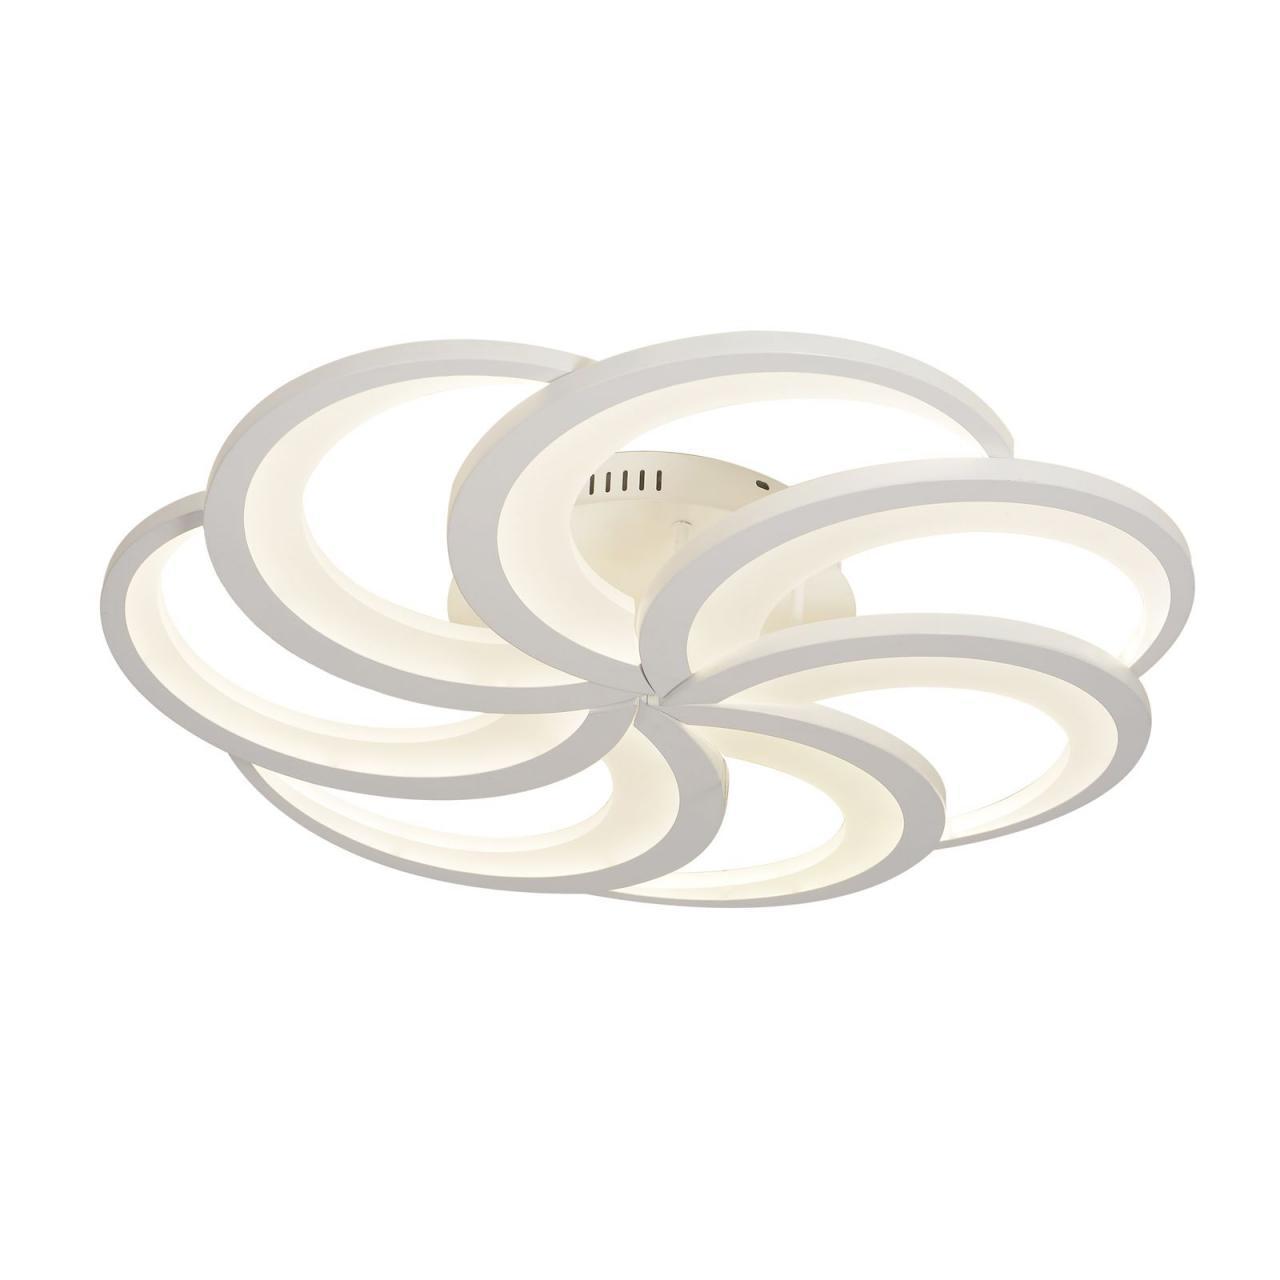 Потолочный светодиодный светильник Omnilux Padria OML-49607-84